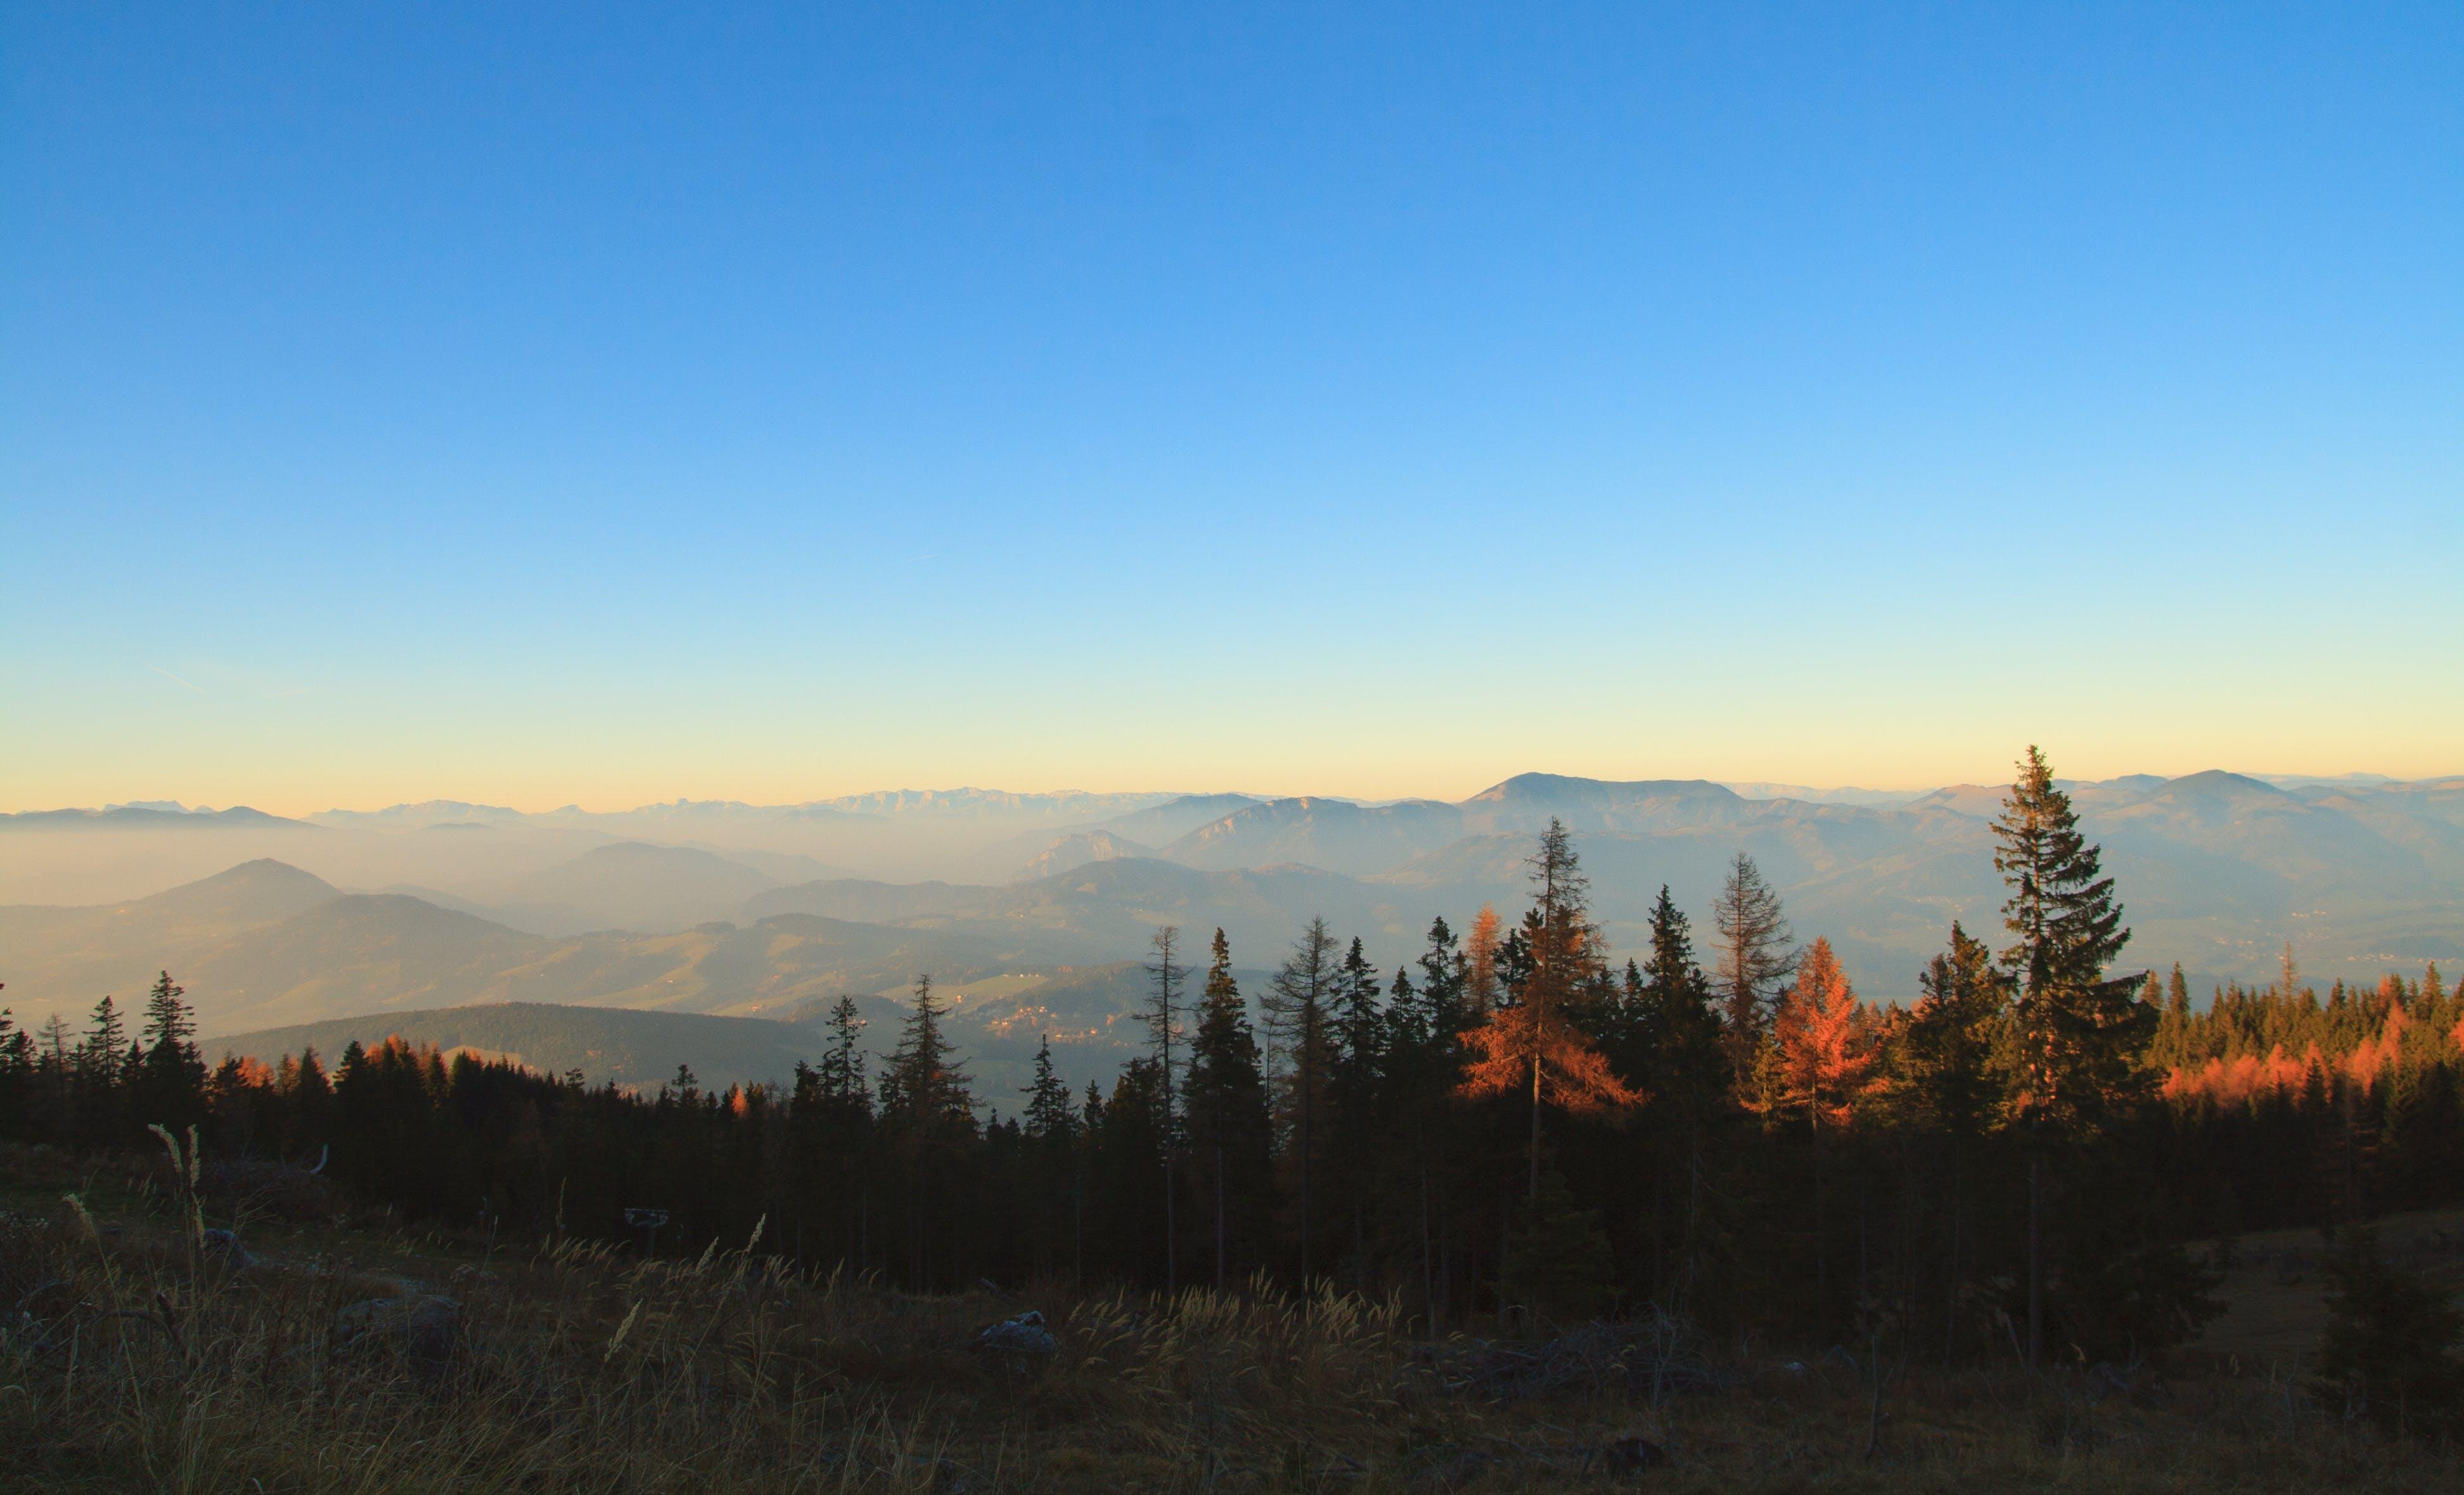 山岳, 山脈, 広角撮影, 日光の無料の写真素材